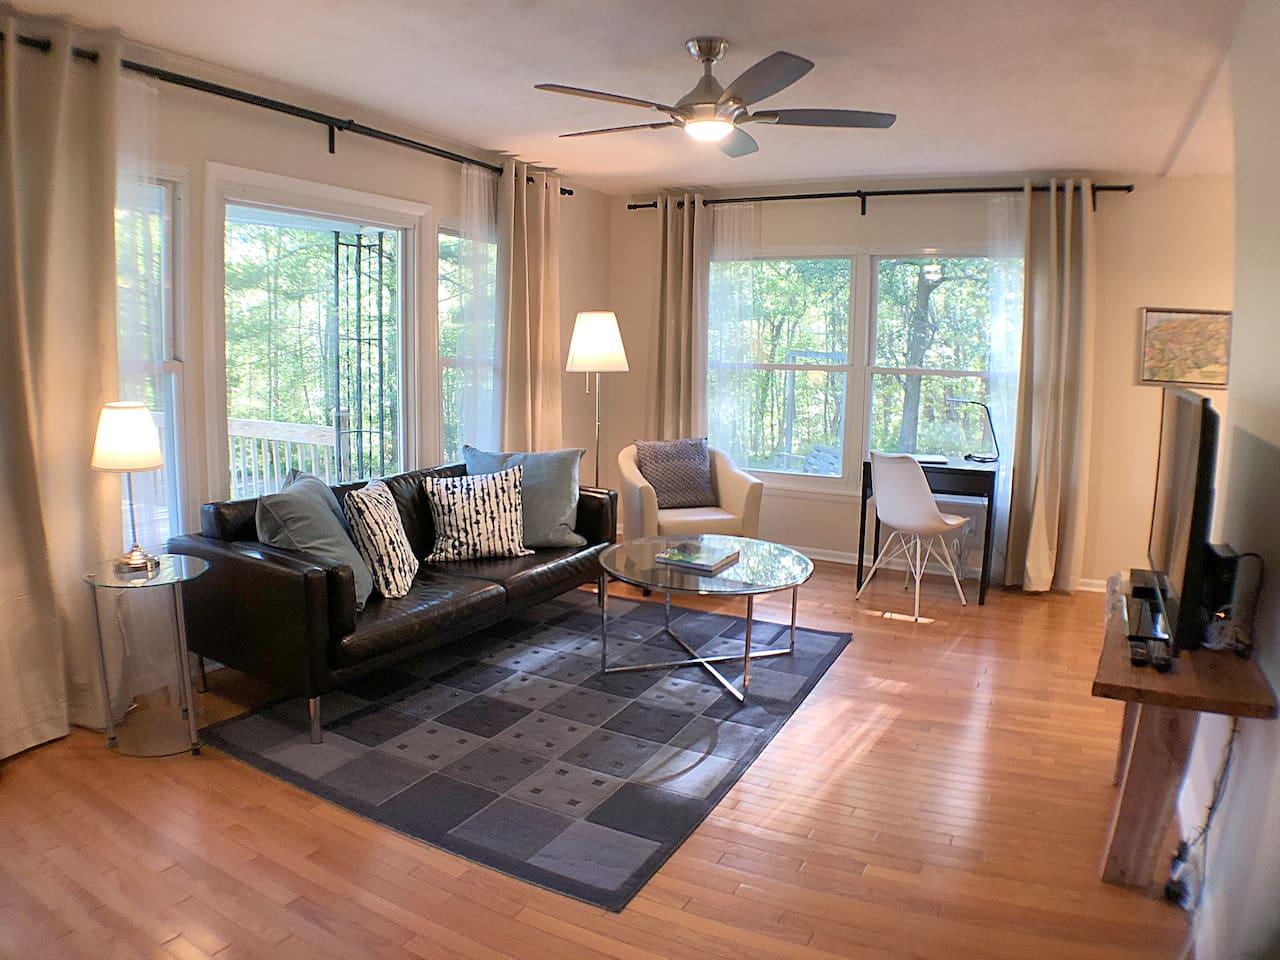 Bright, open living area